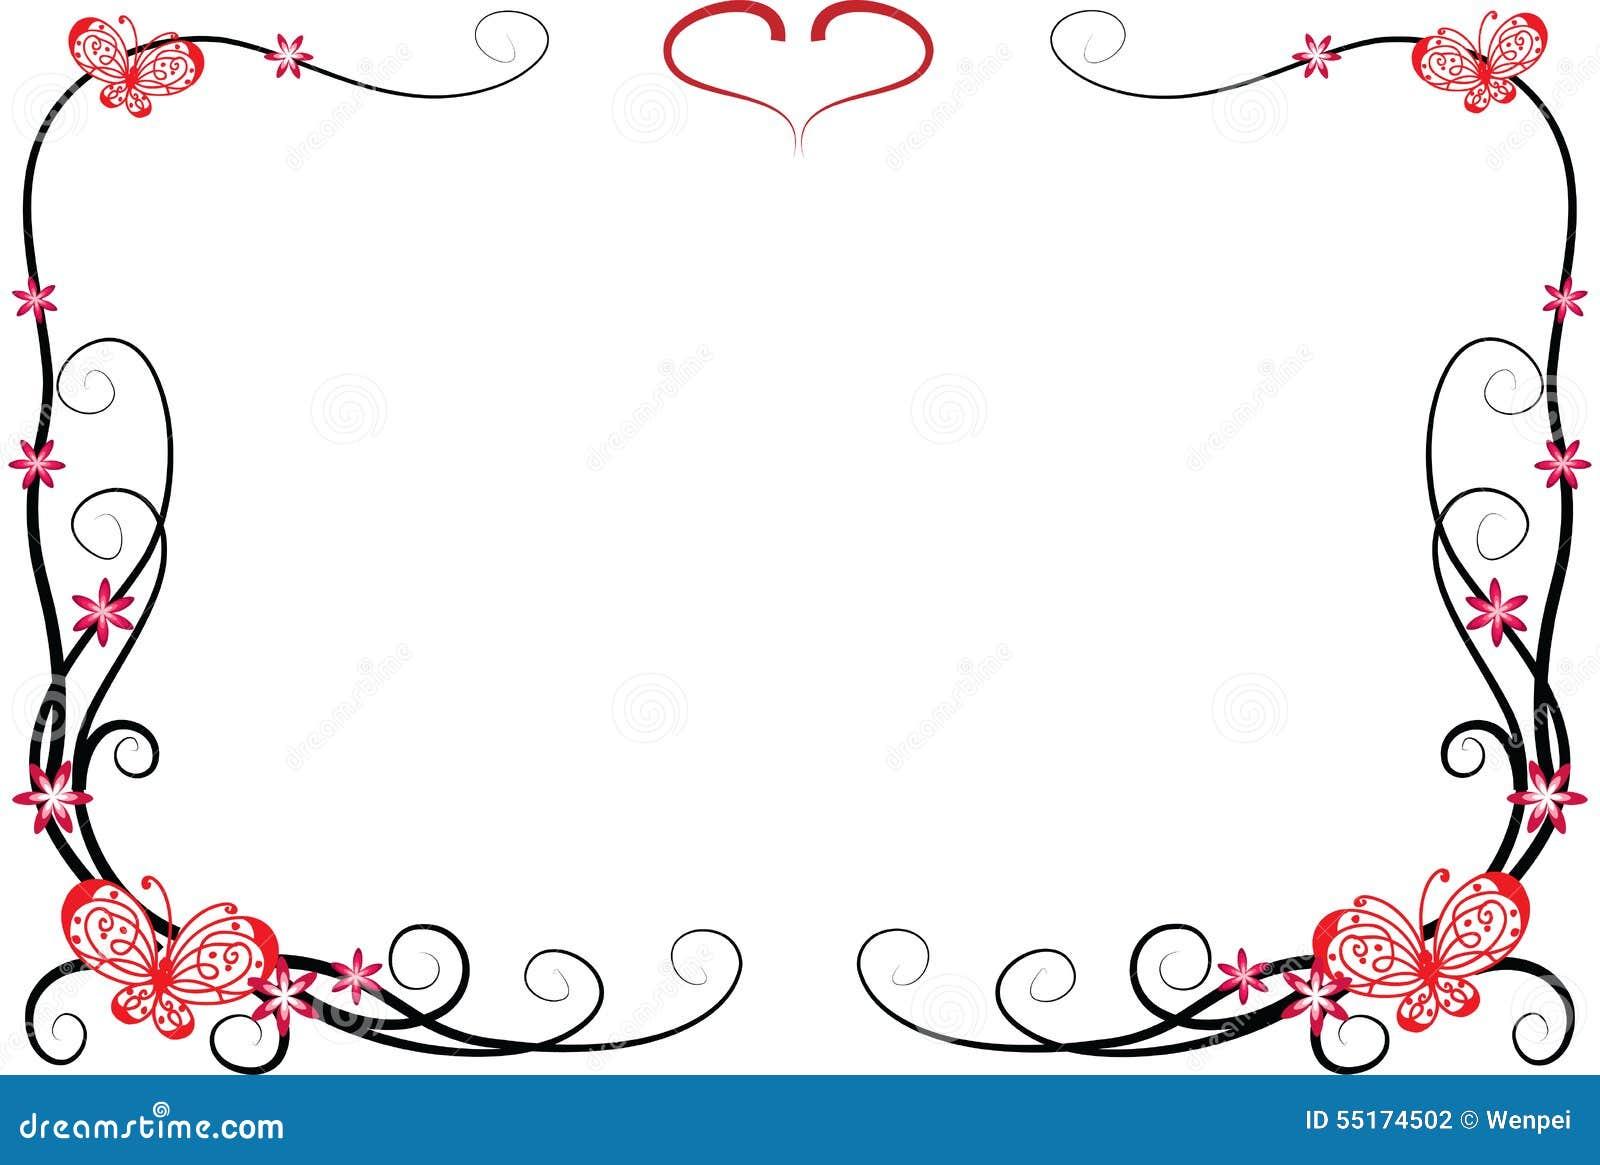 schmetterling mit rahmen stock abbildung illustration von. Black Bedroom Furniture Sets. Home Design Ideas